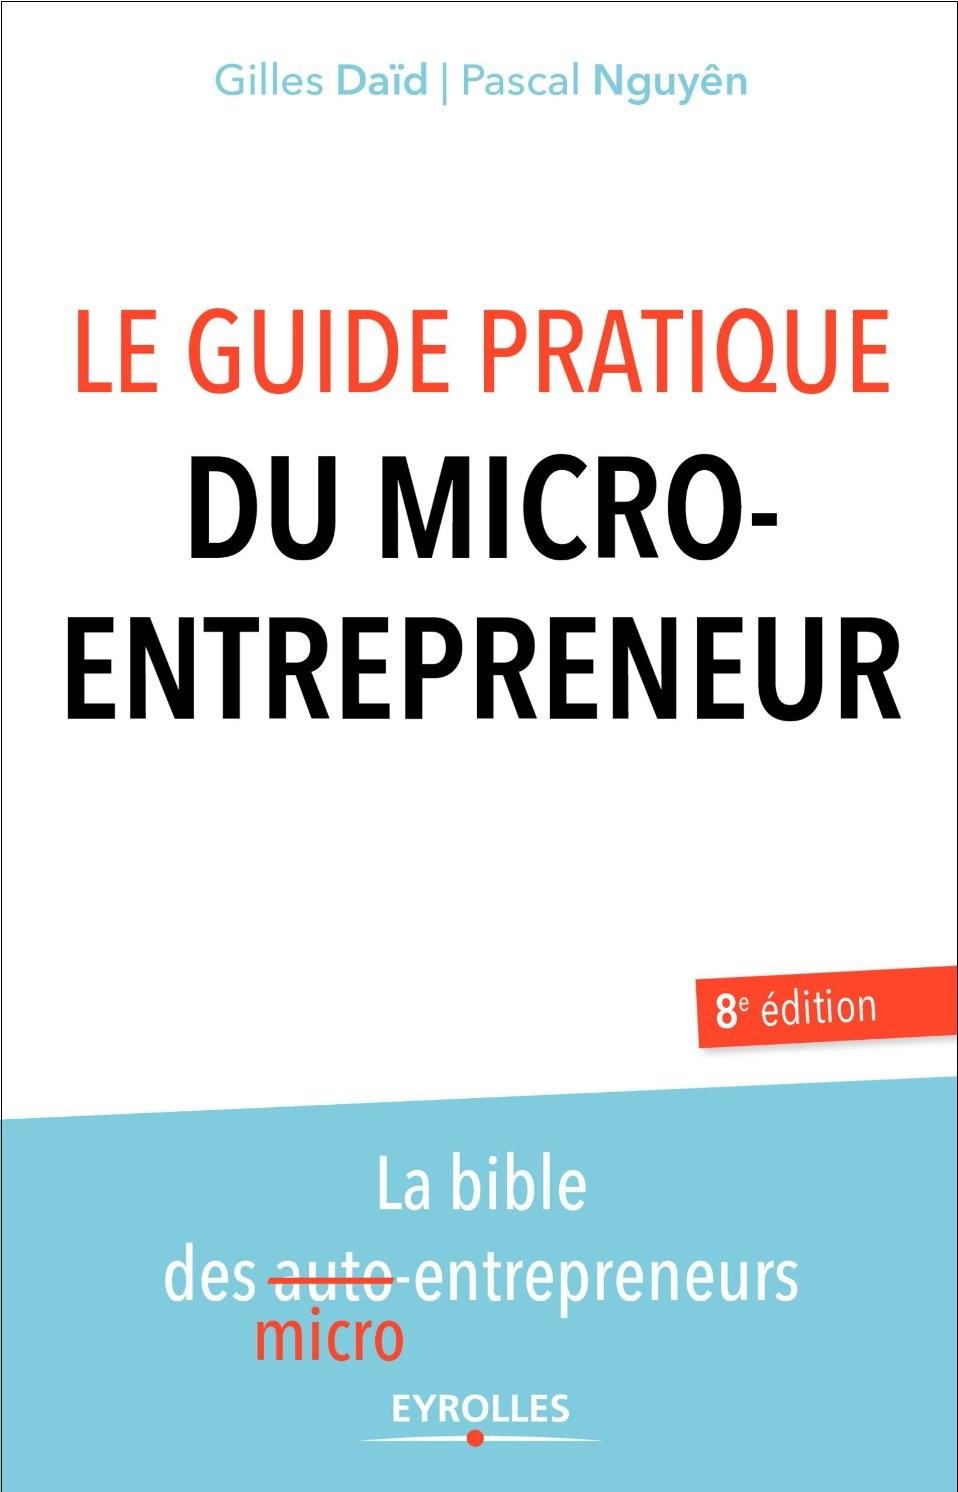 Le guide pratique du micro-entrepreneur (2016)